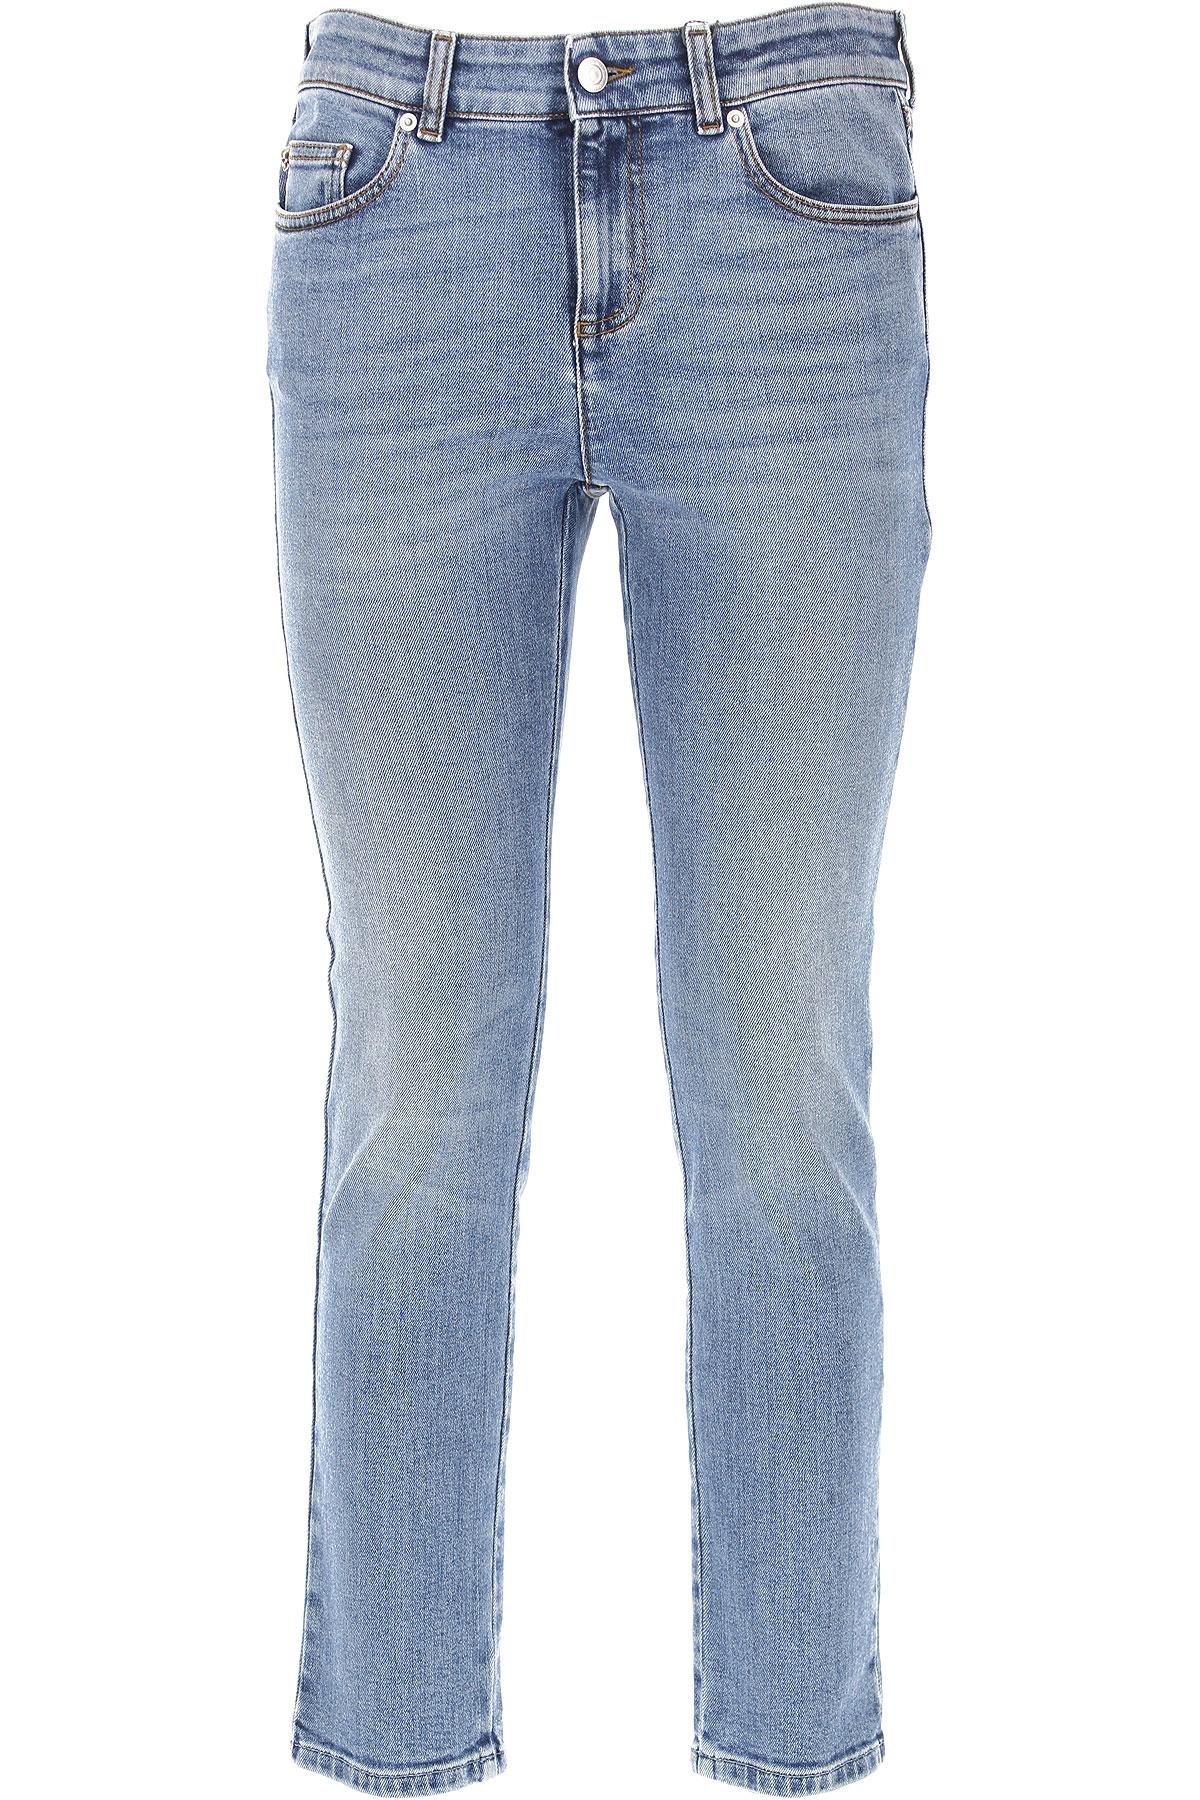 Alexander McQueen Jeans On Sale, Denim, Cotton, 2017, 26 27 28 30